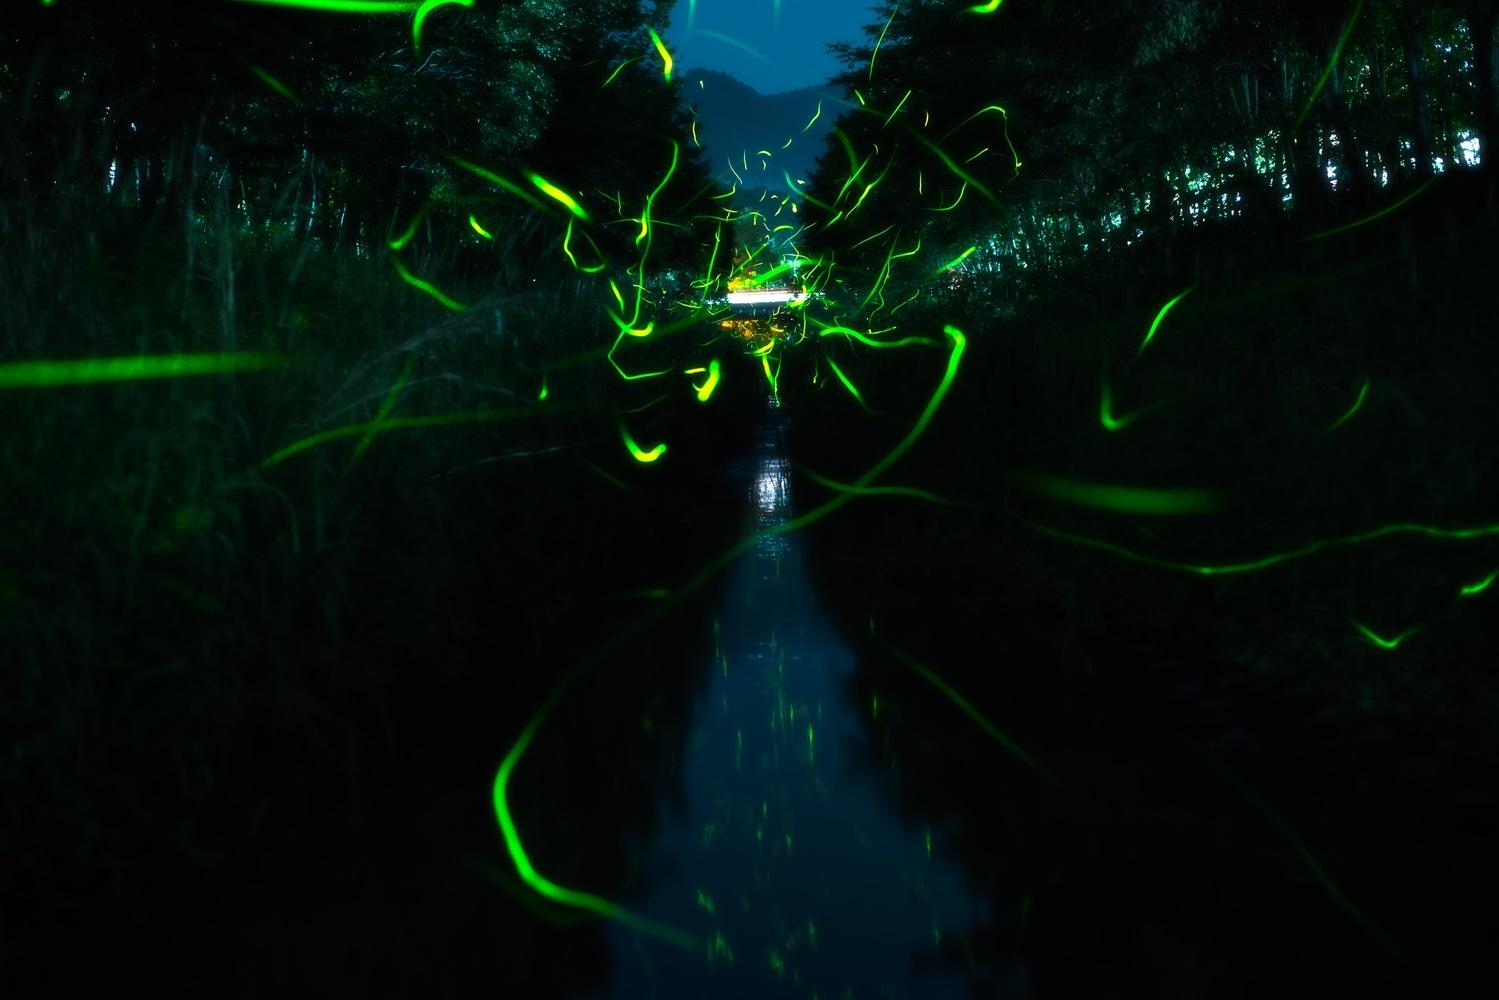 Firefly by Masataka Inada